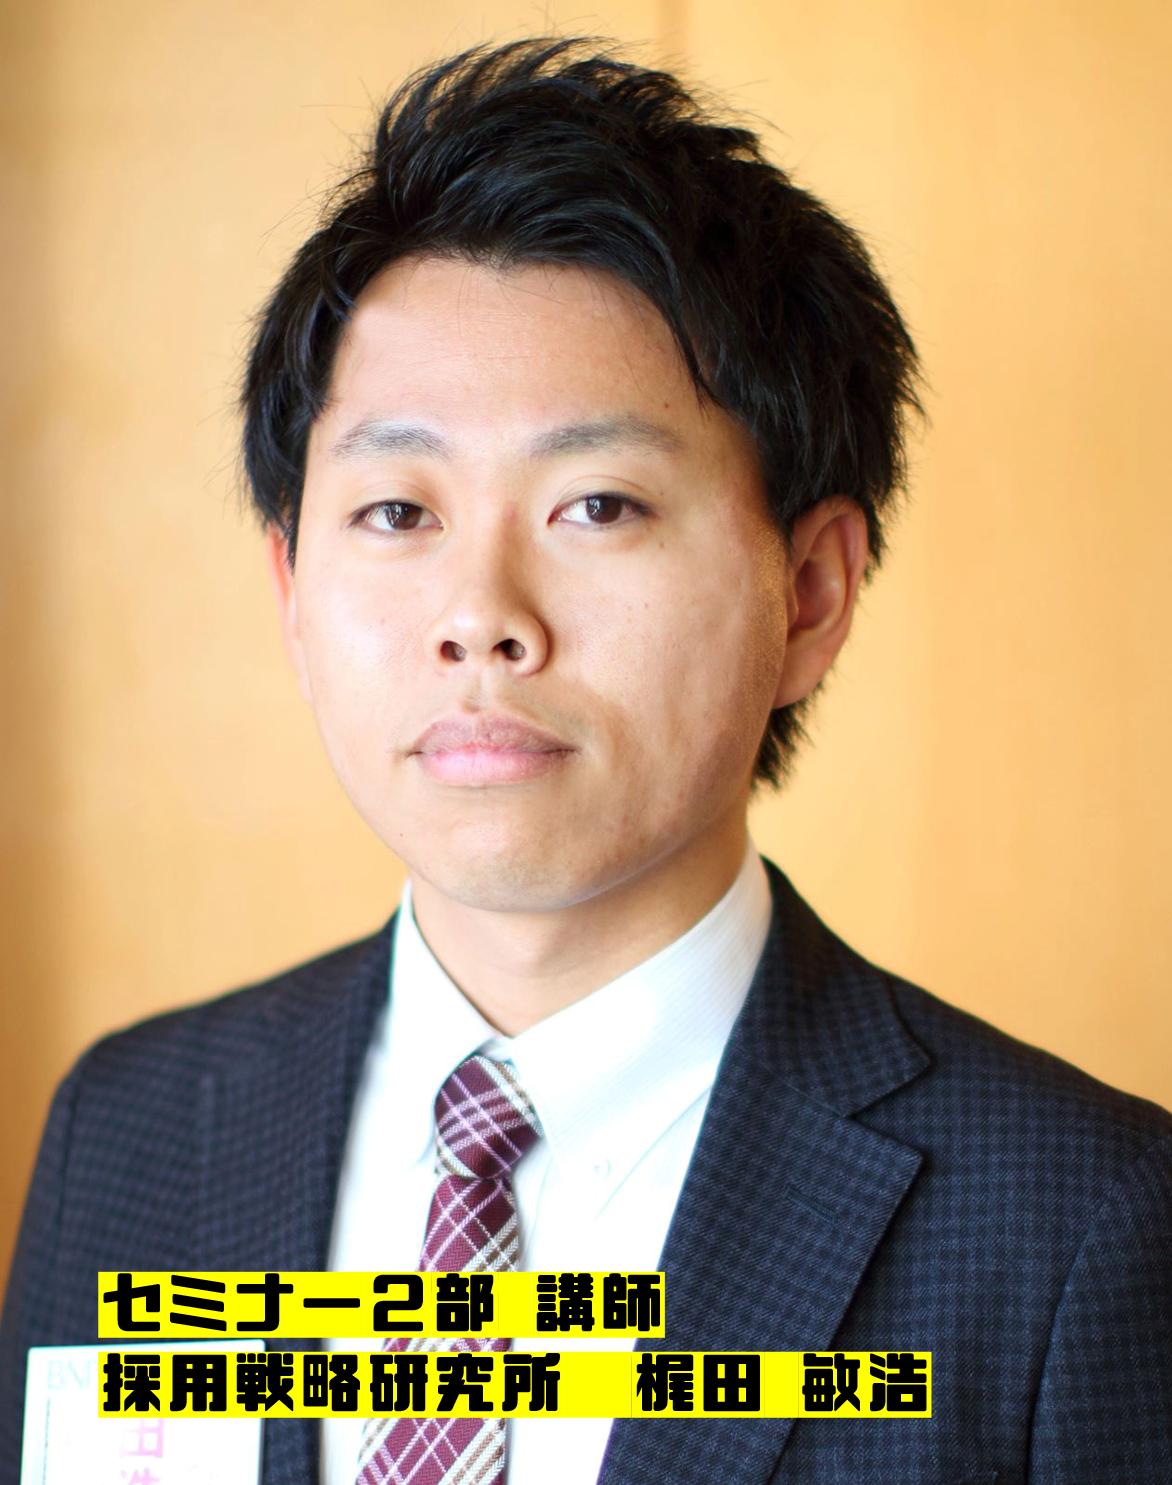 セミナー講師 2部梶田敏浩